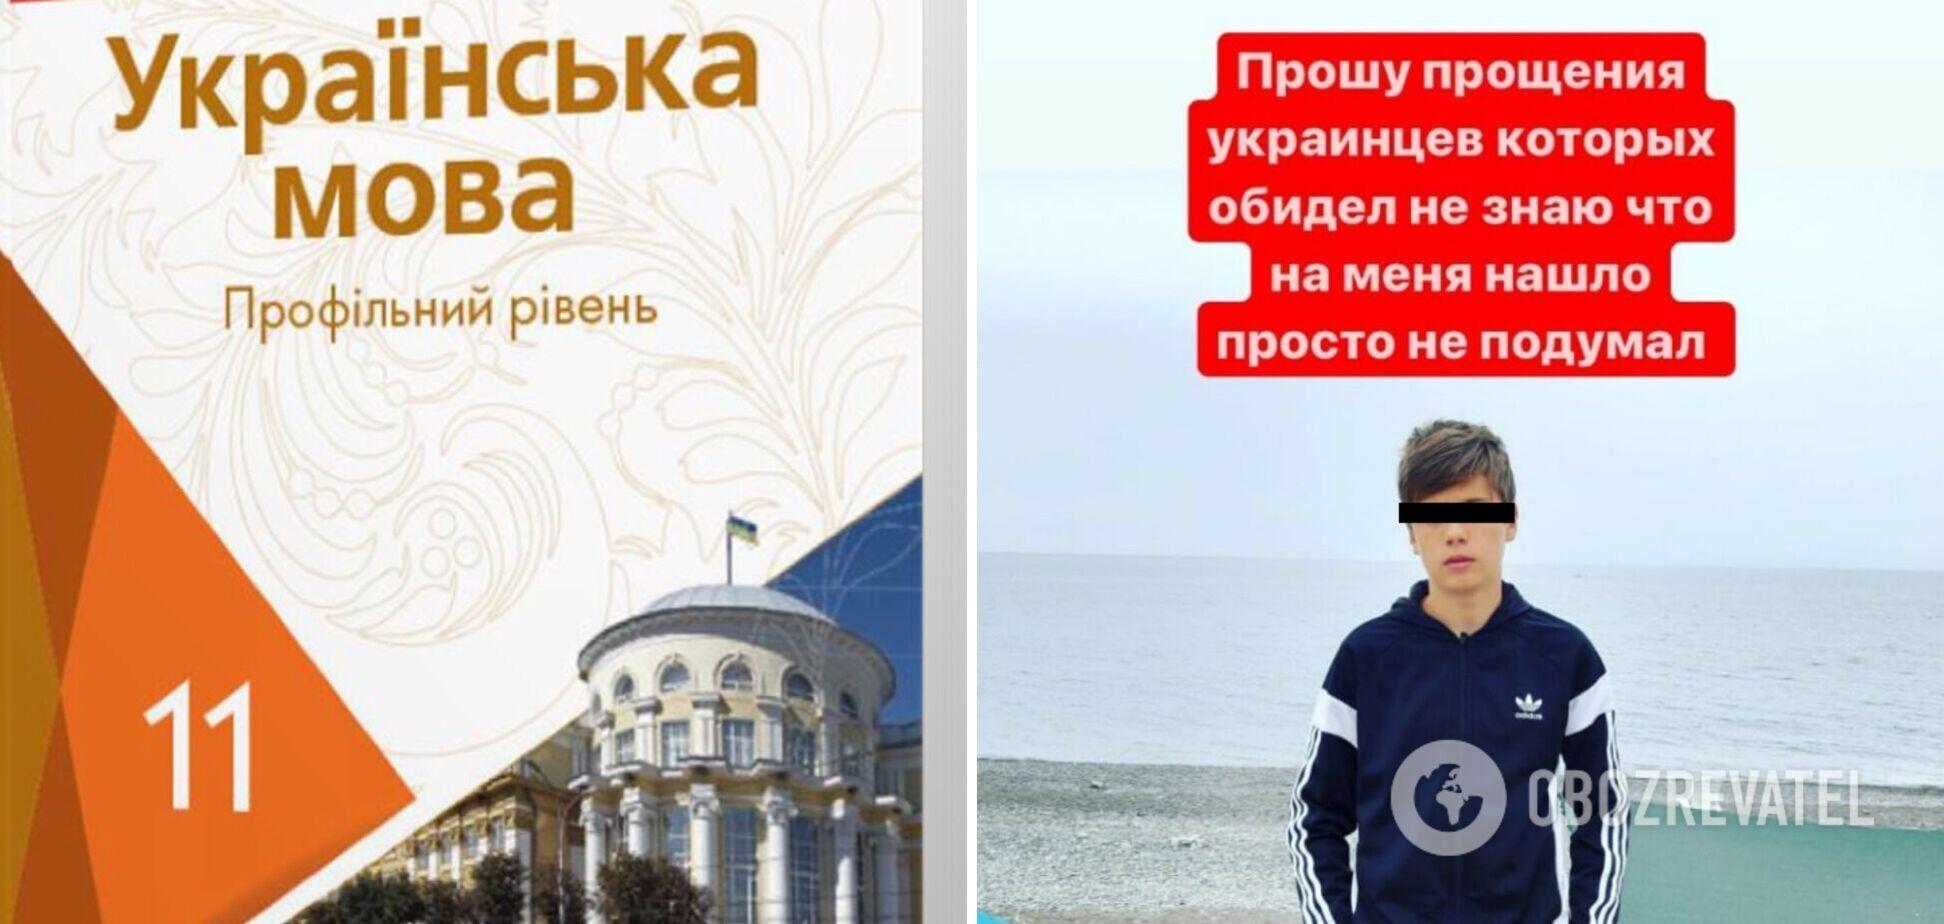 Подросток демонстративно потоптался по учебнику украинского языка: извинений не пришлось долго ждать. Видео 18+